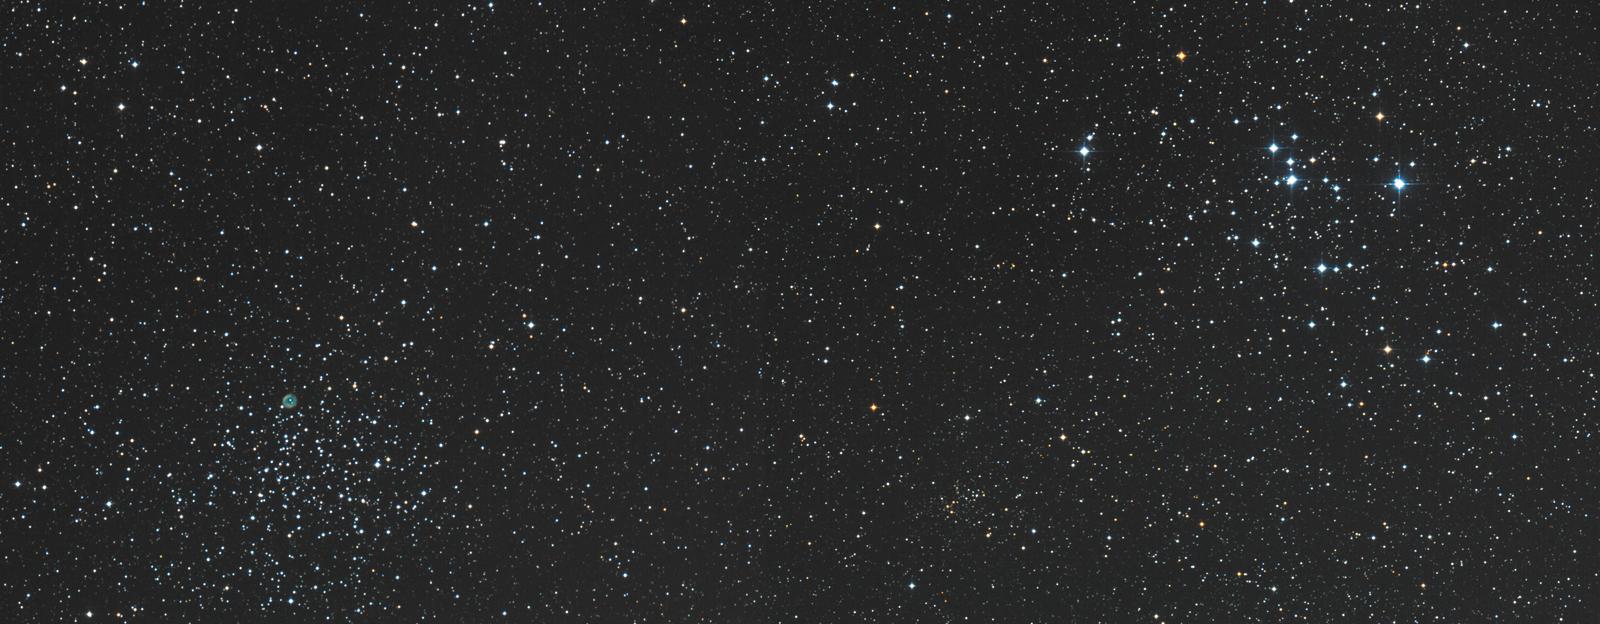 M46_m47